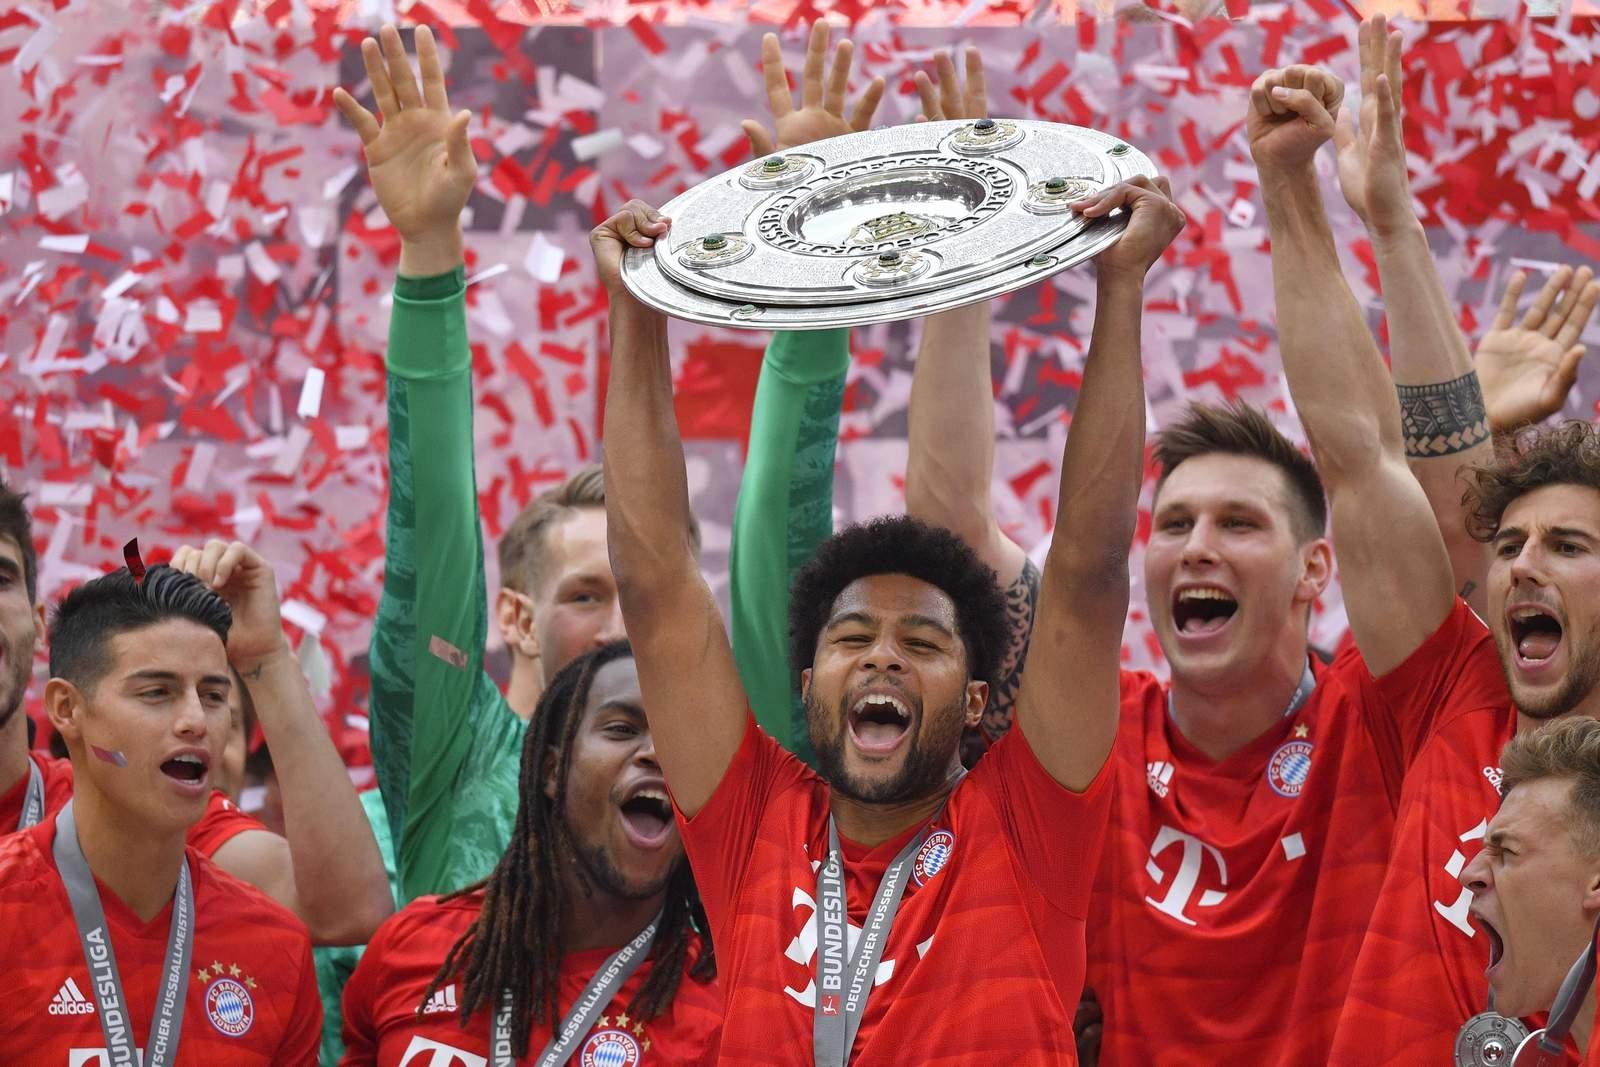 Der FC Bayern nimmt die Meisterschale entgegen. Jetzt auf den Meister der Saison 2019/20 wetten.